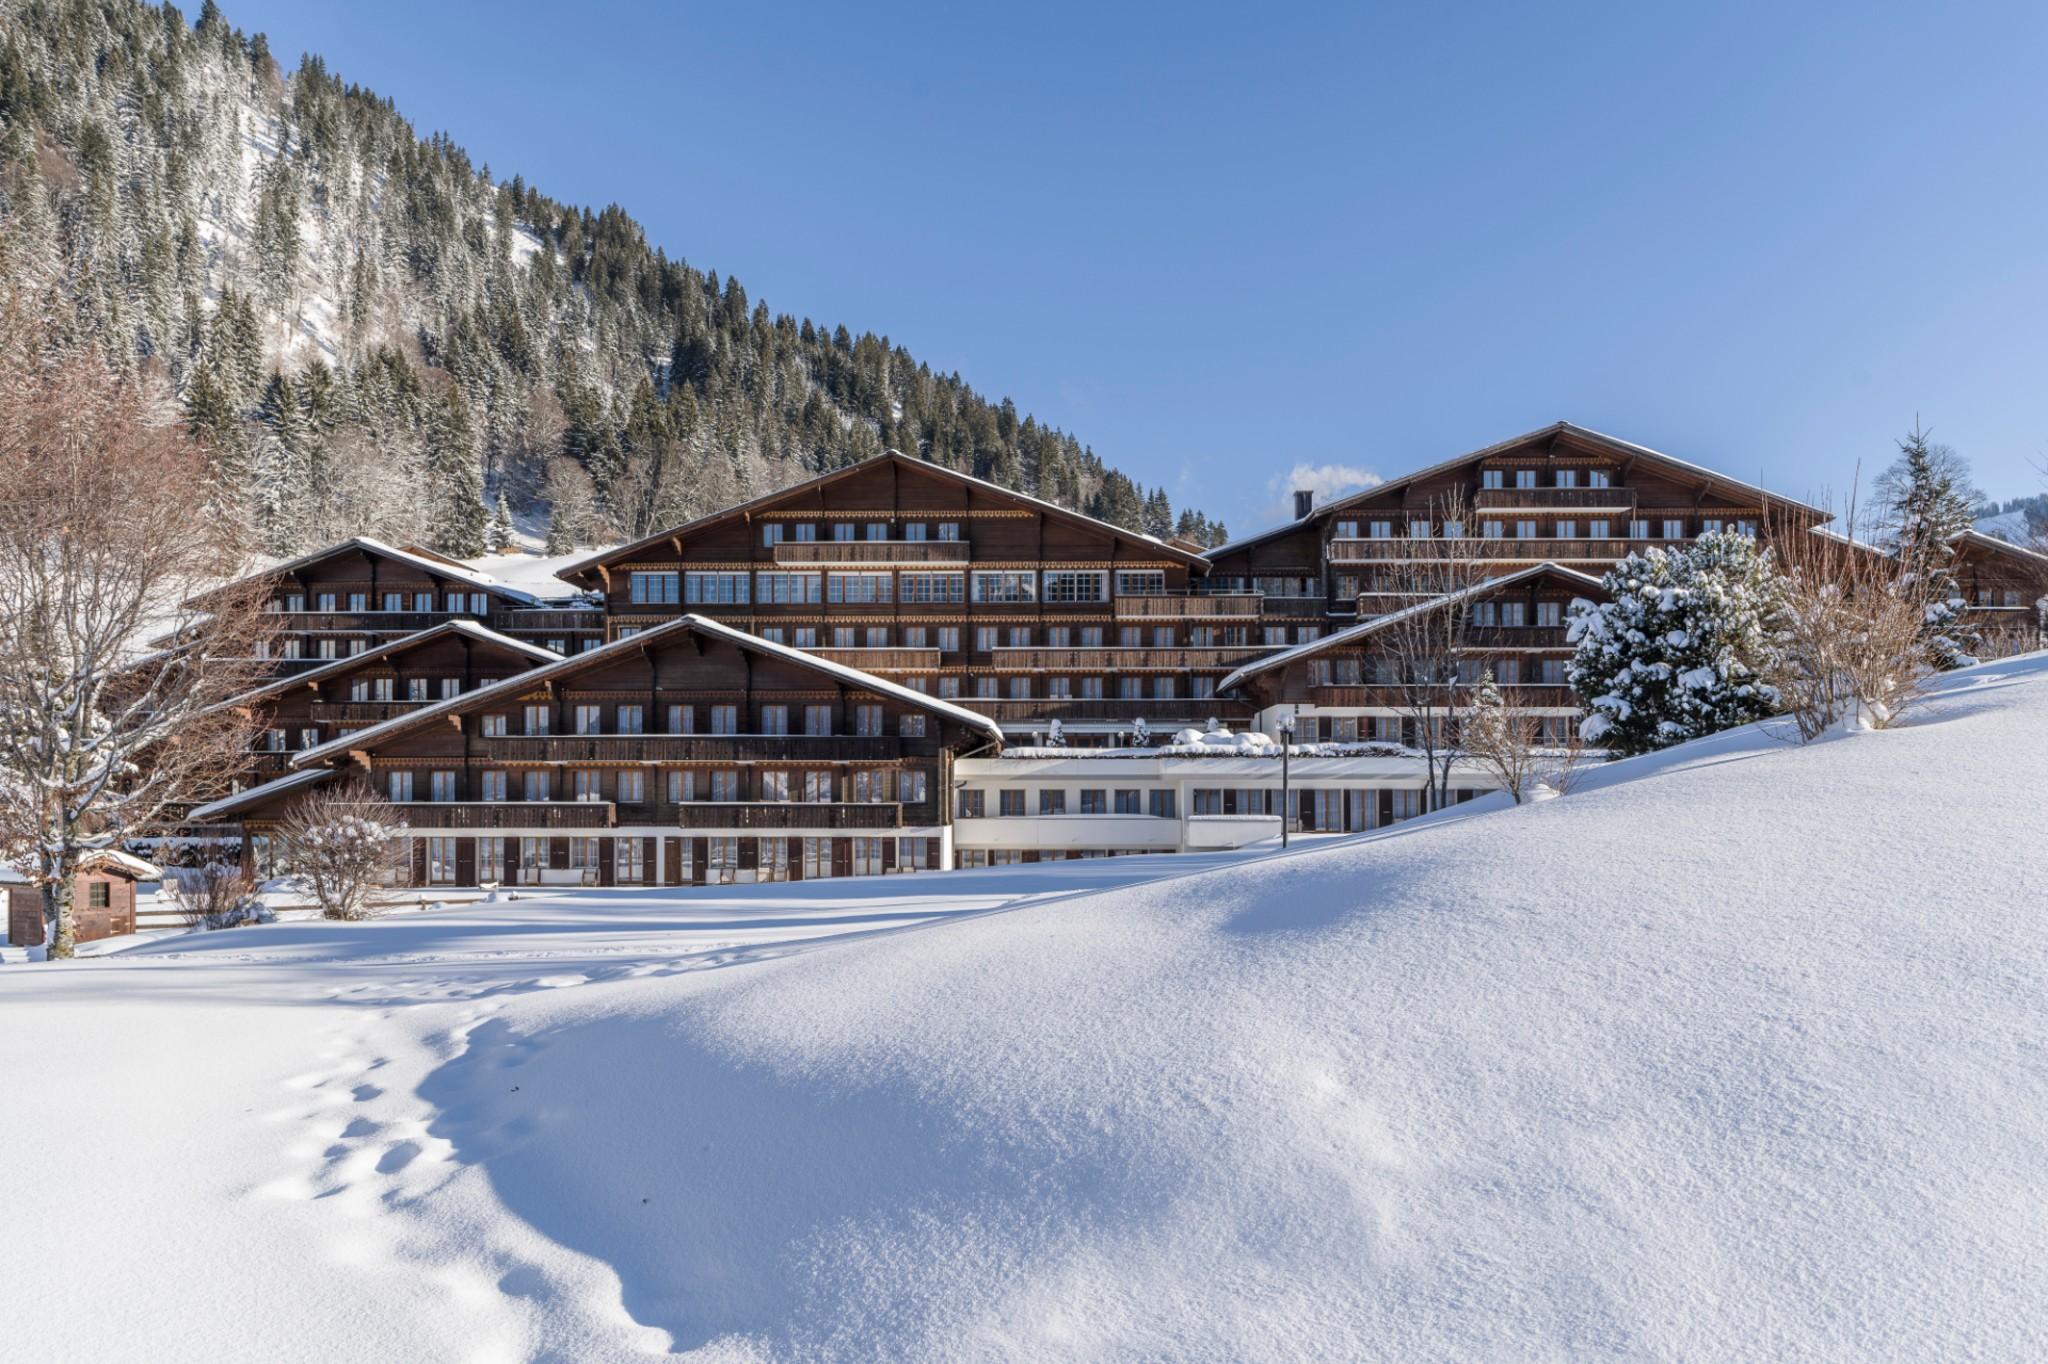 Hotéis cool e a bons preços no coração do Alpes | Unibanco